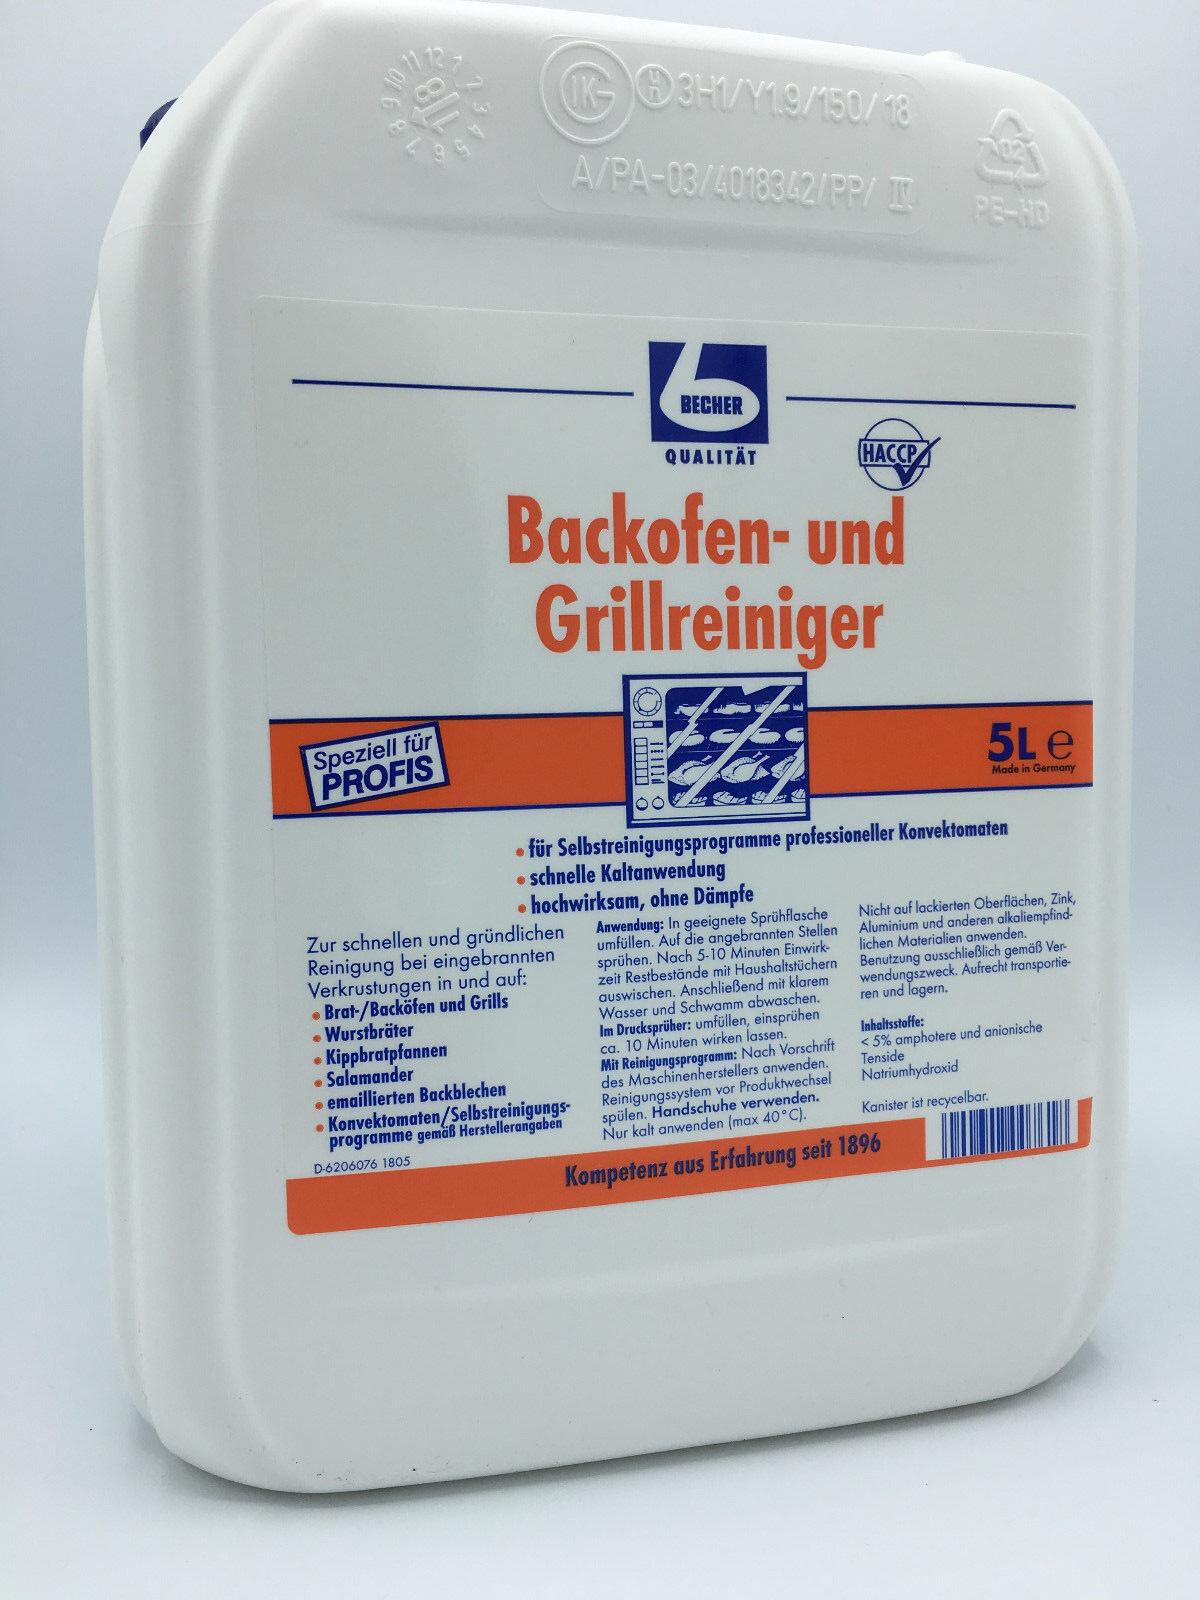 Dr. Becher Backofen und Grillreiniger Kanister 5,0l Fettlöser Grill Rein